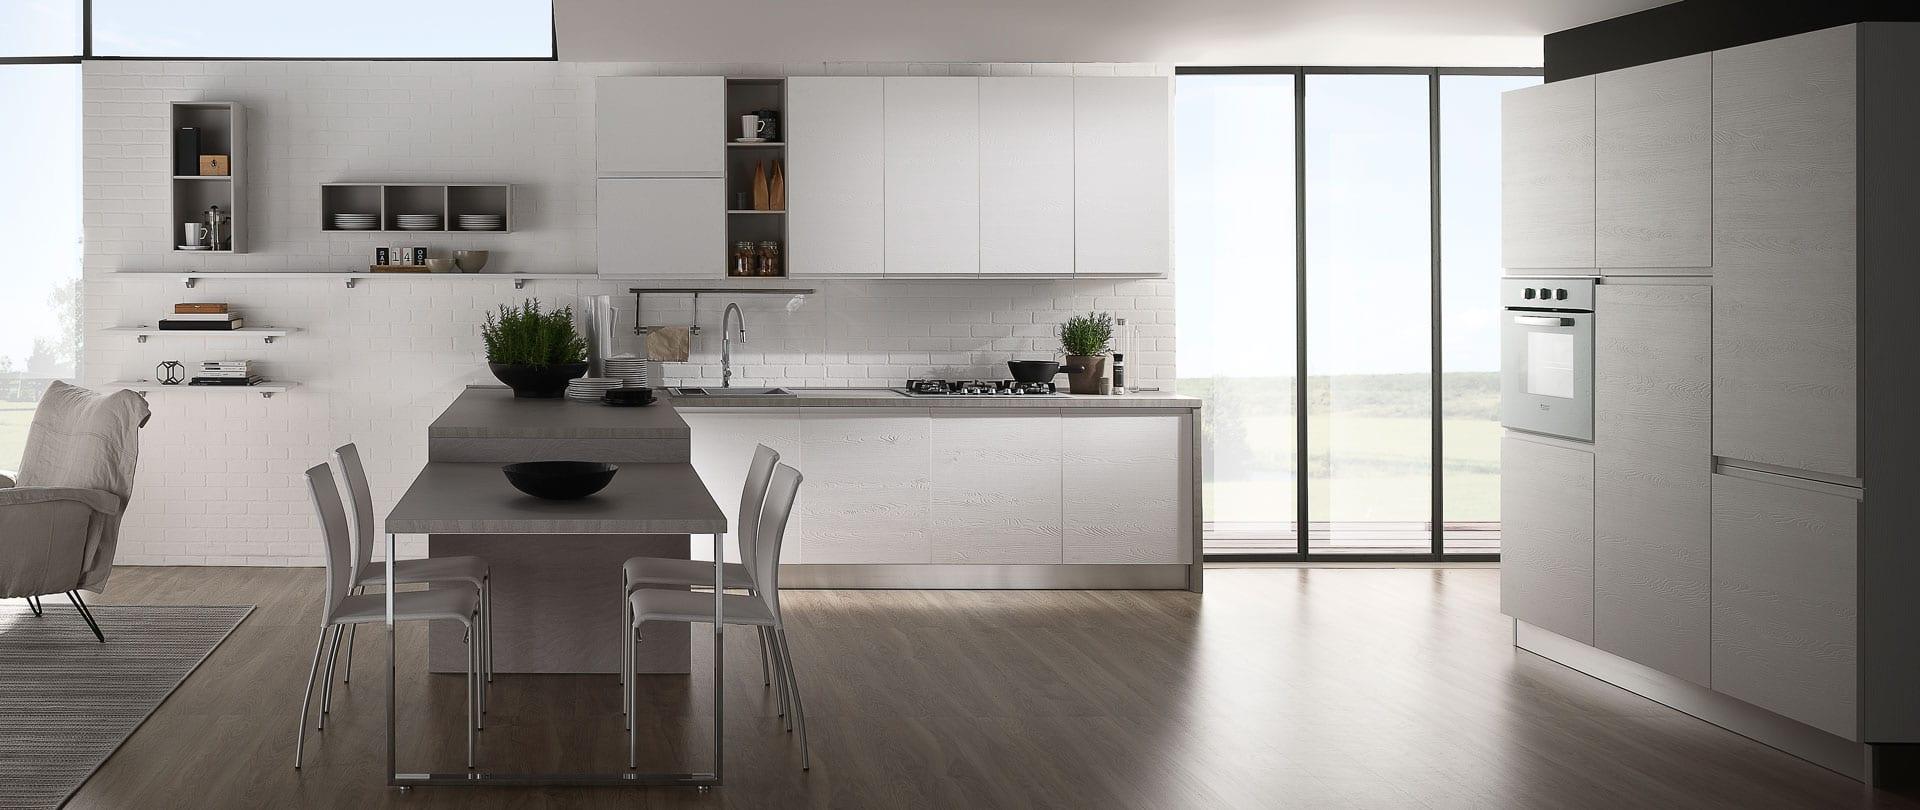 Cucina elegante: Luna, cucina con uno stile minimalista